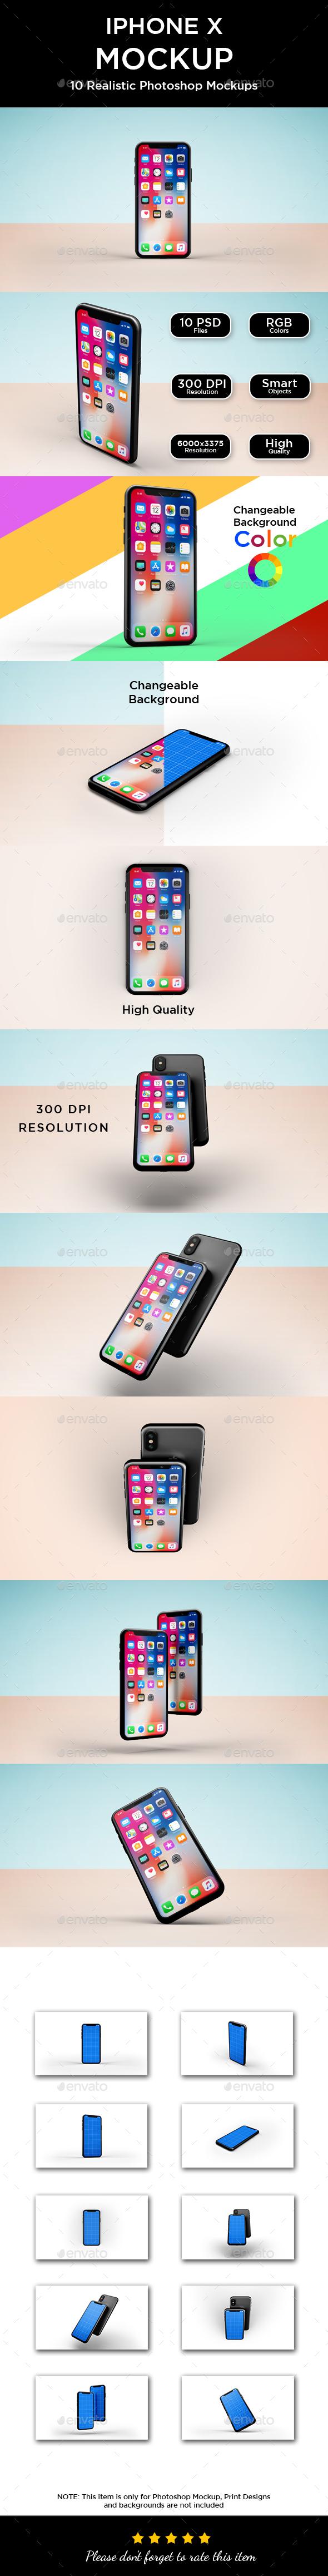 Phone X Mockup - Mobile Displays